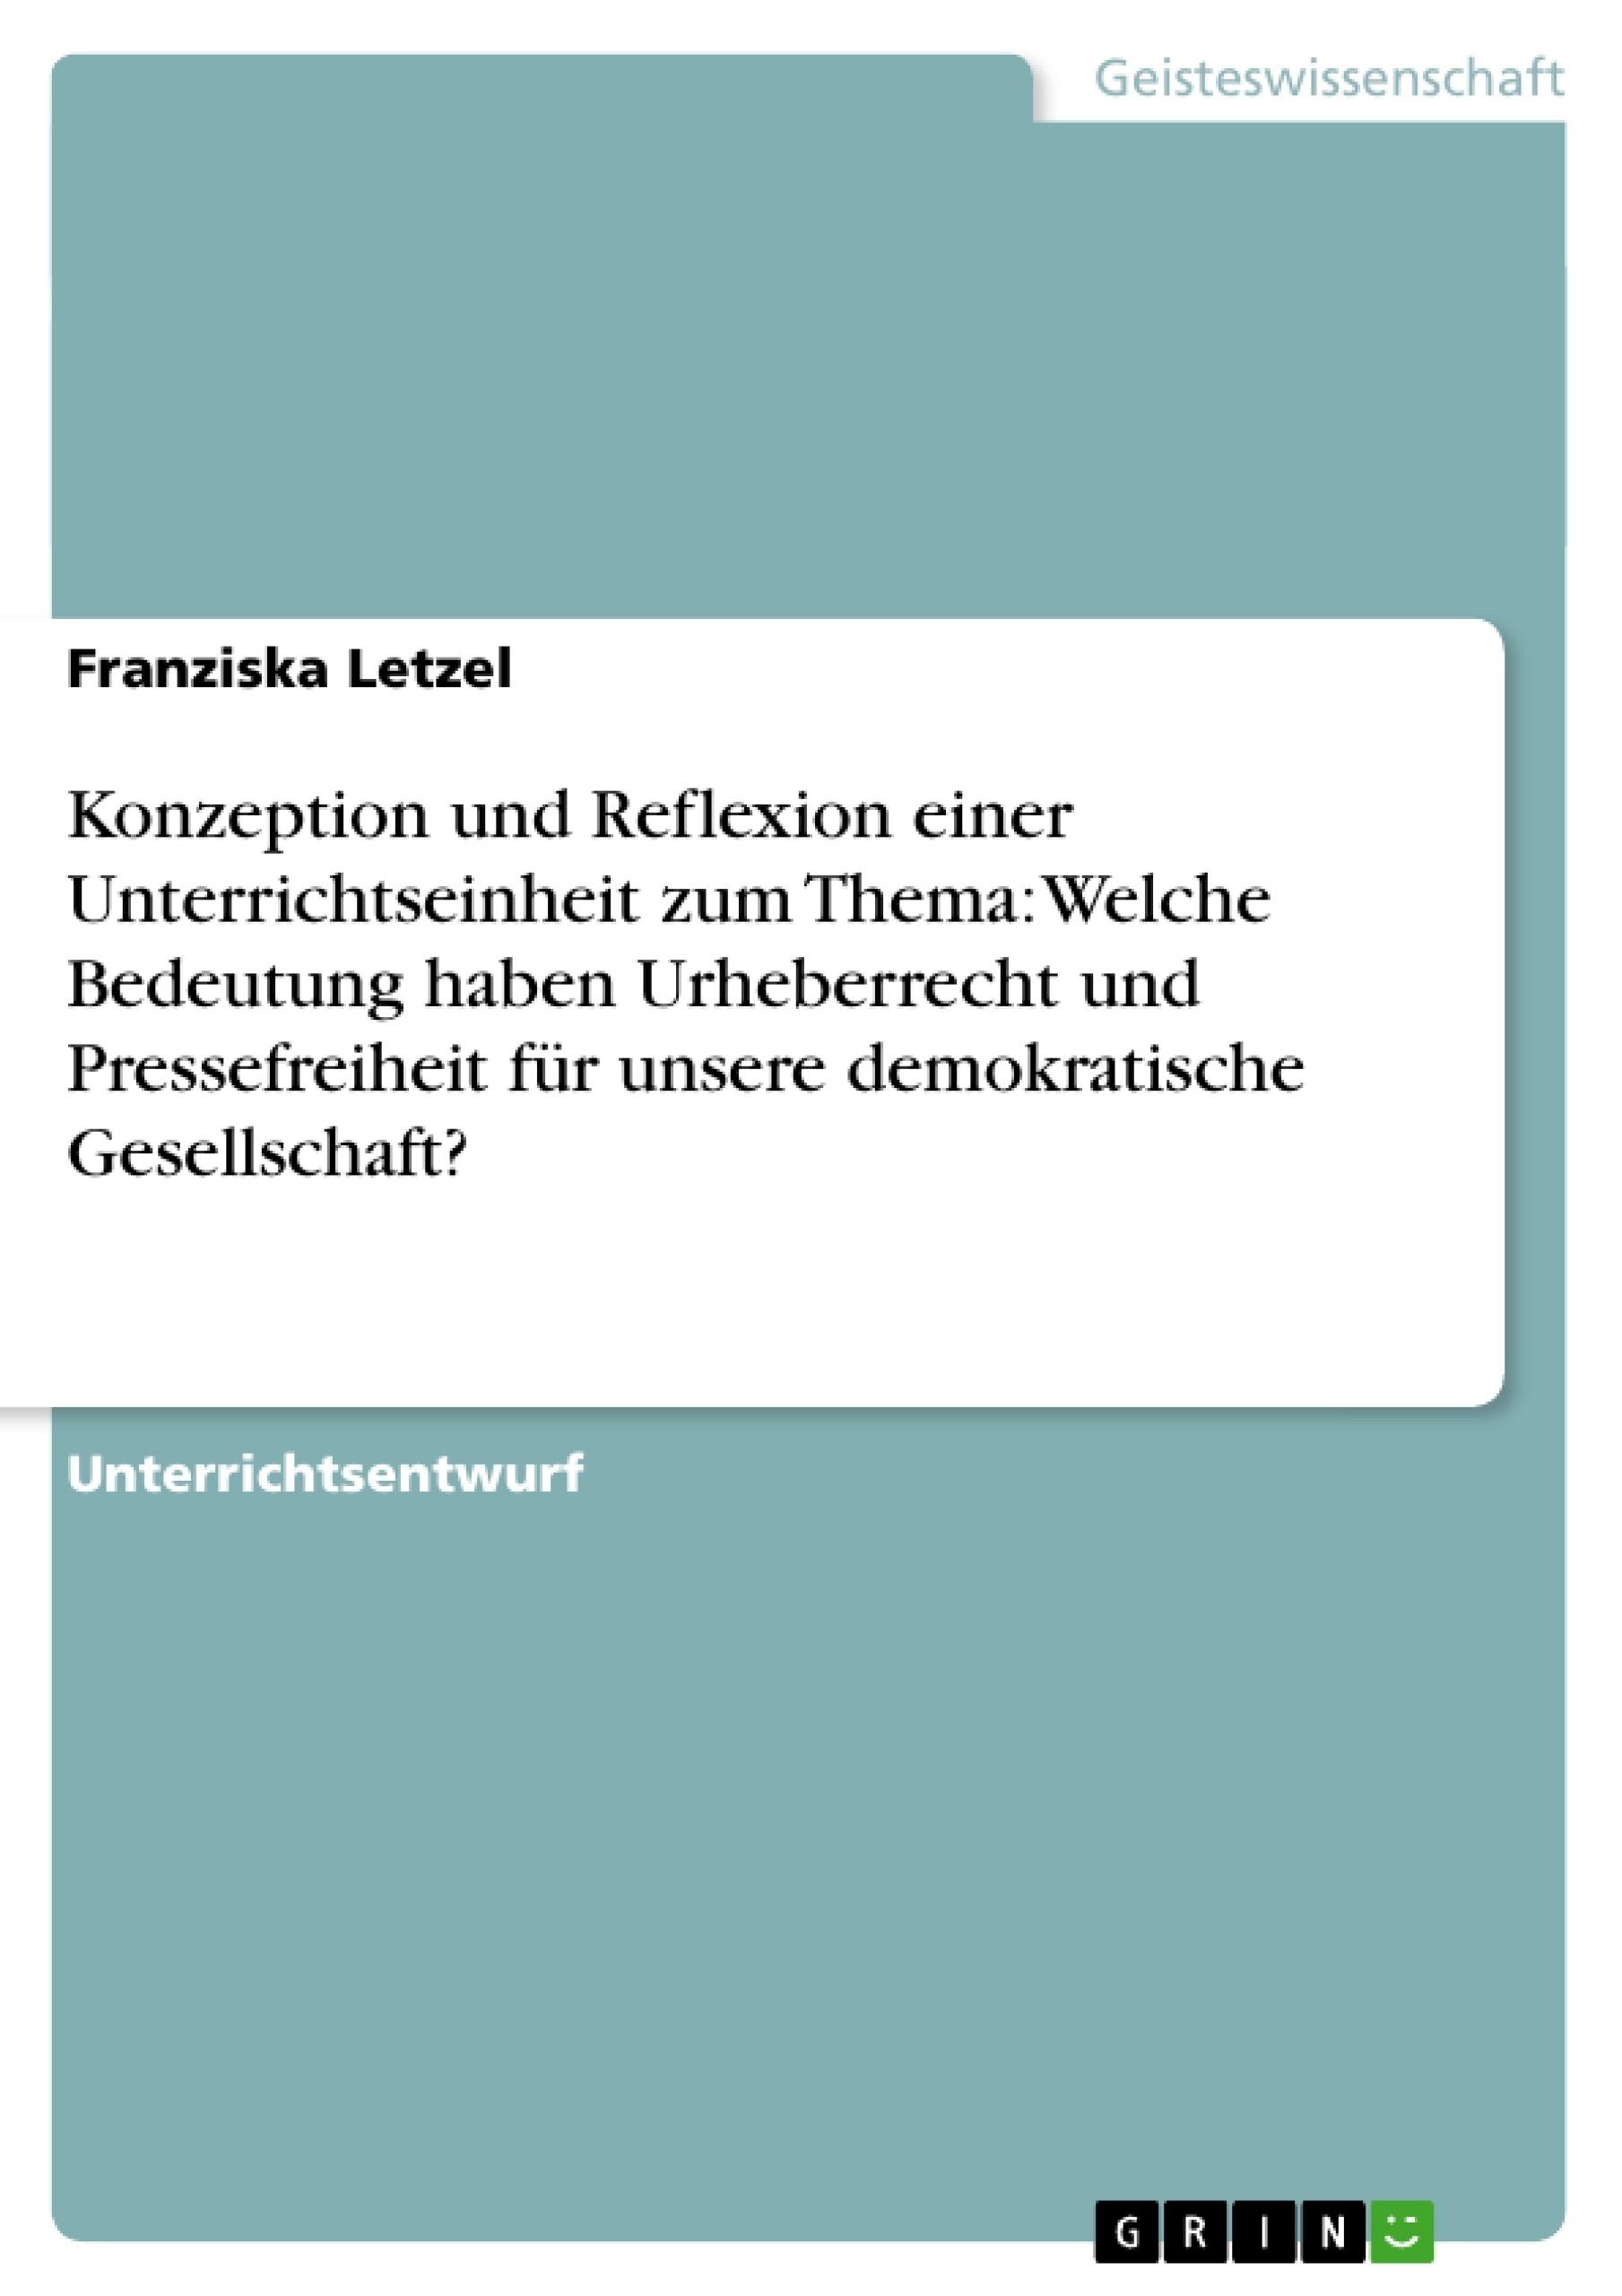 Titel: Konzeption und Reflexion einer Unterrichtseinheit zum Thema: Welche Bedeutung haben Urheberrecht und Pressefreiheit für unsere demokratische Gesellschaft?